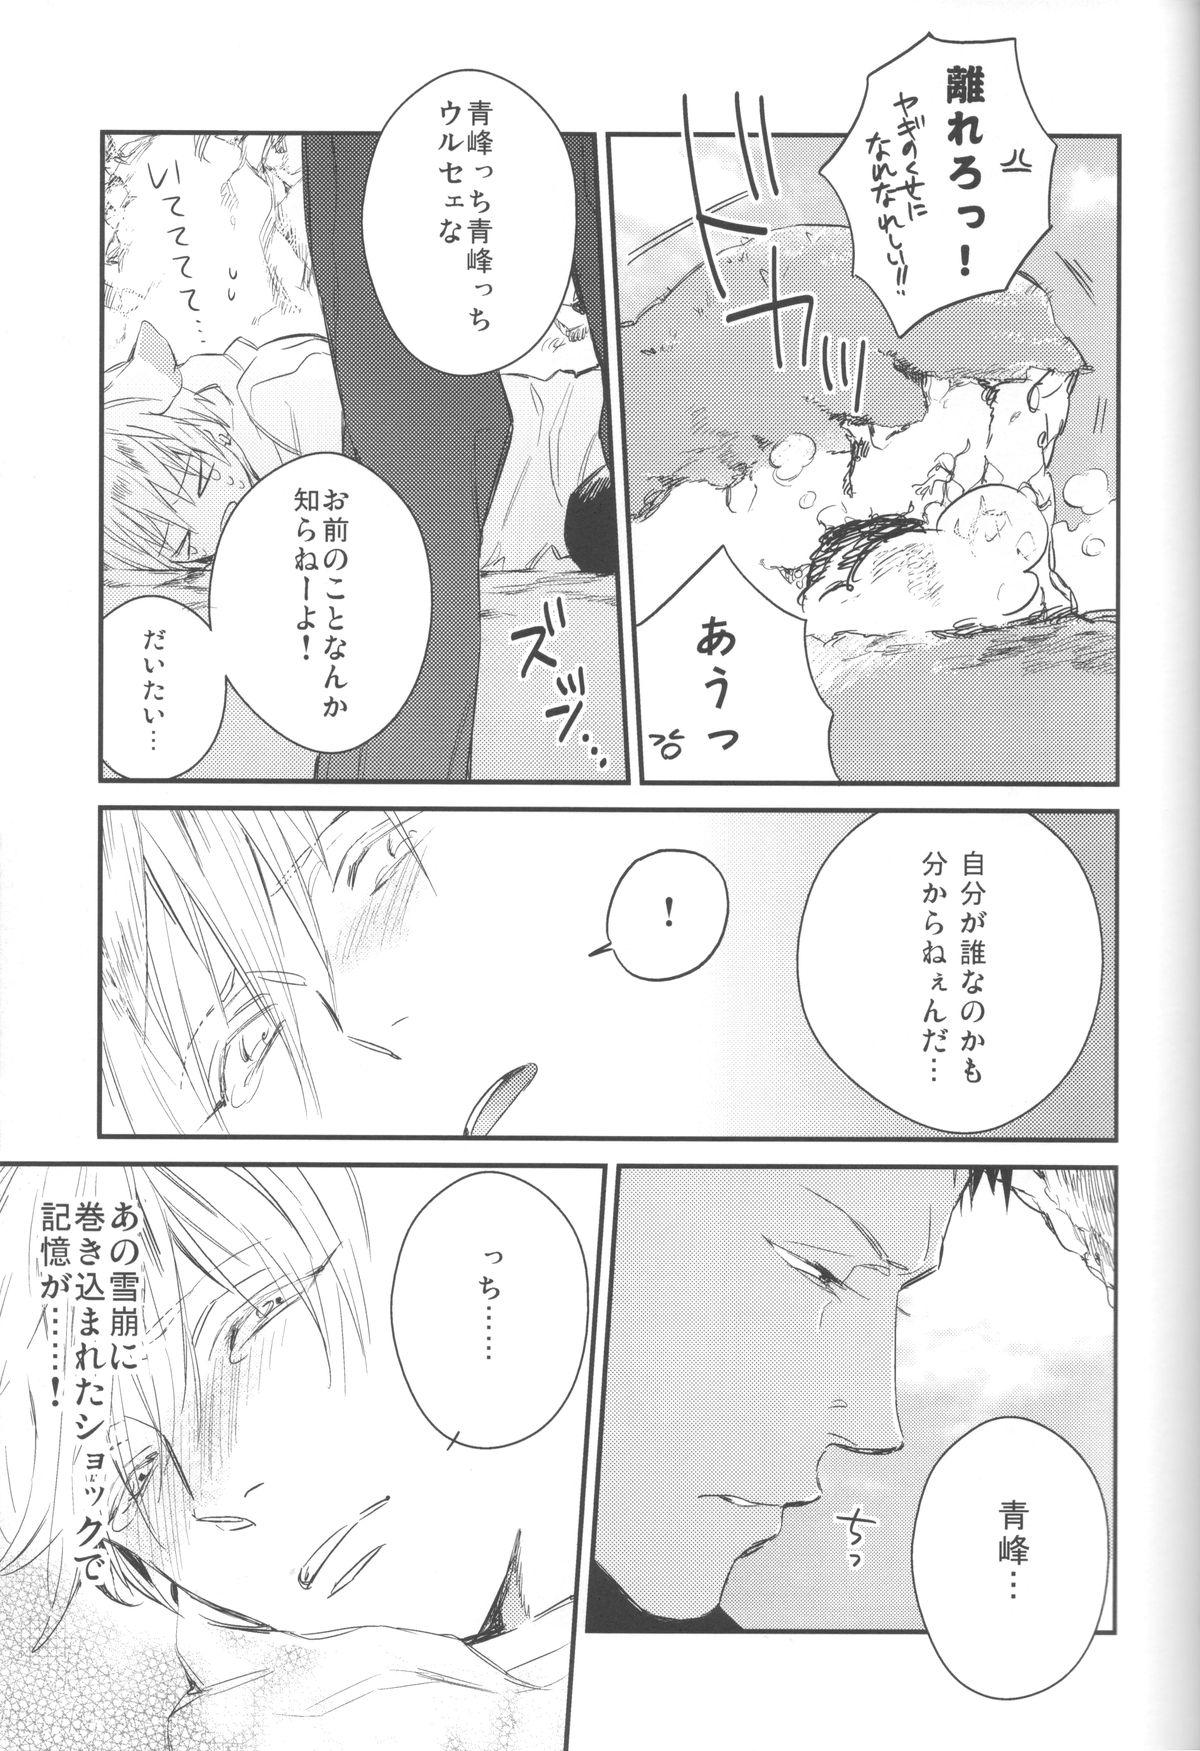 Tomodachi na noni Oishisou 15